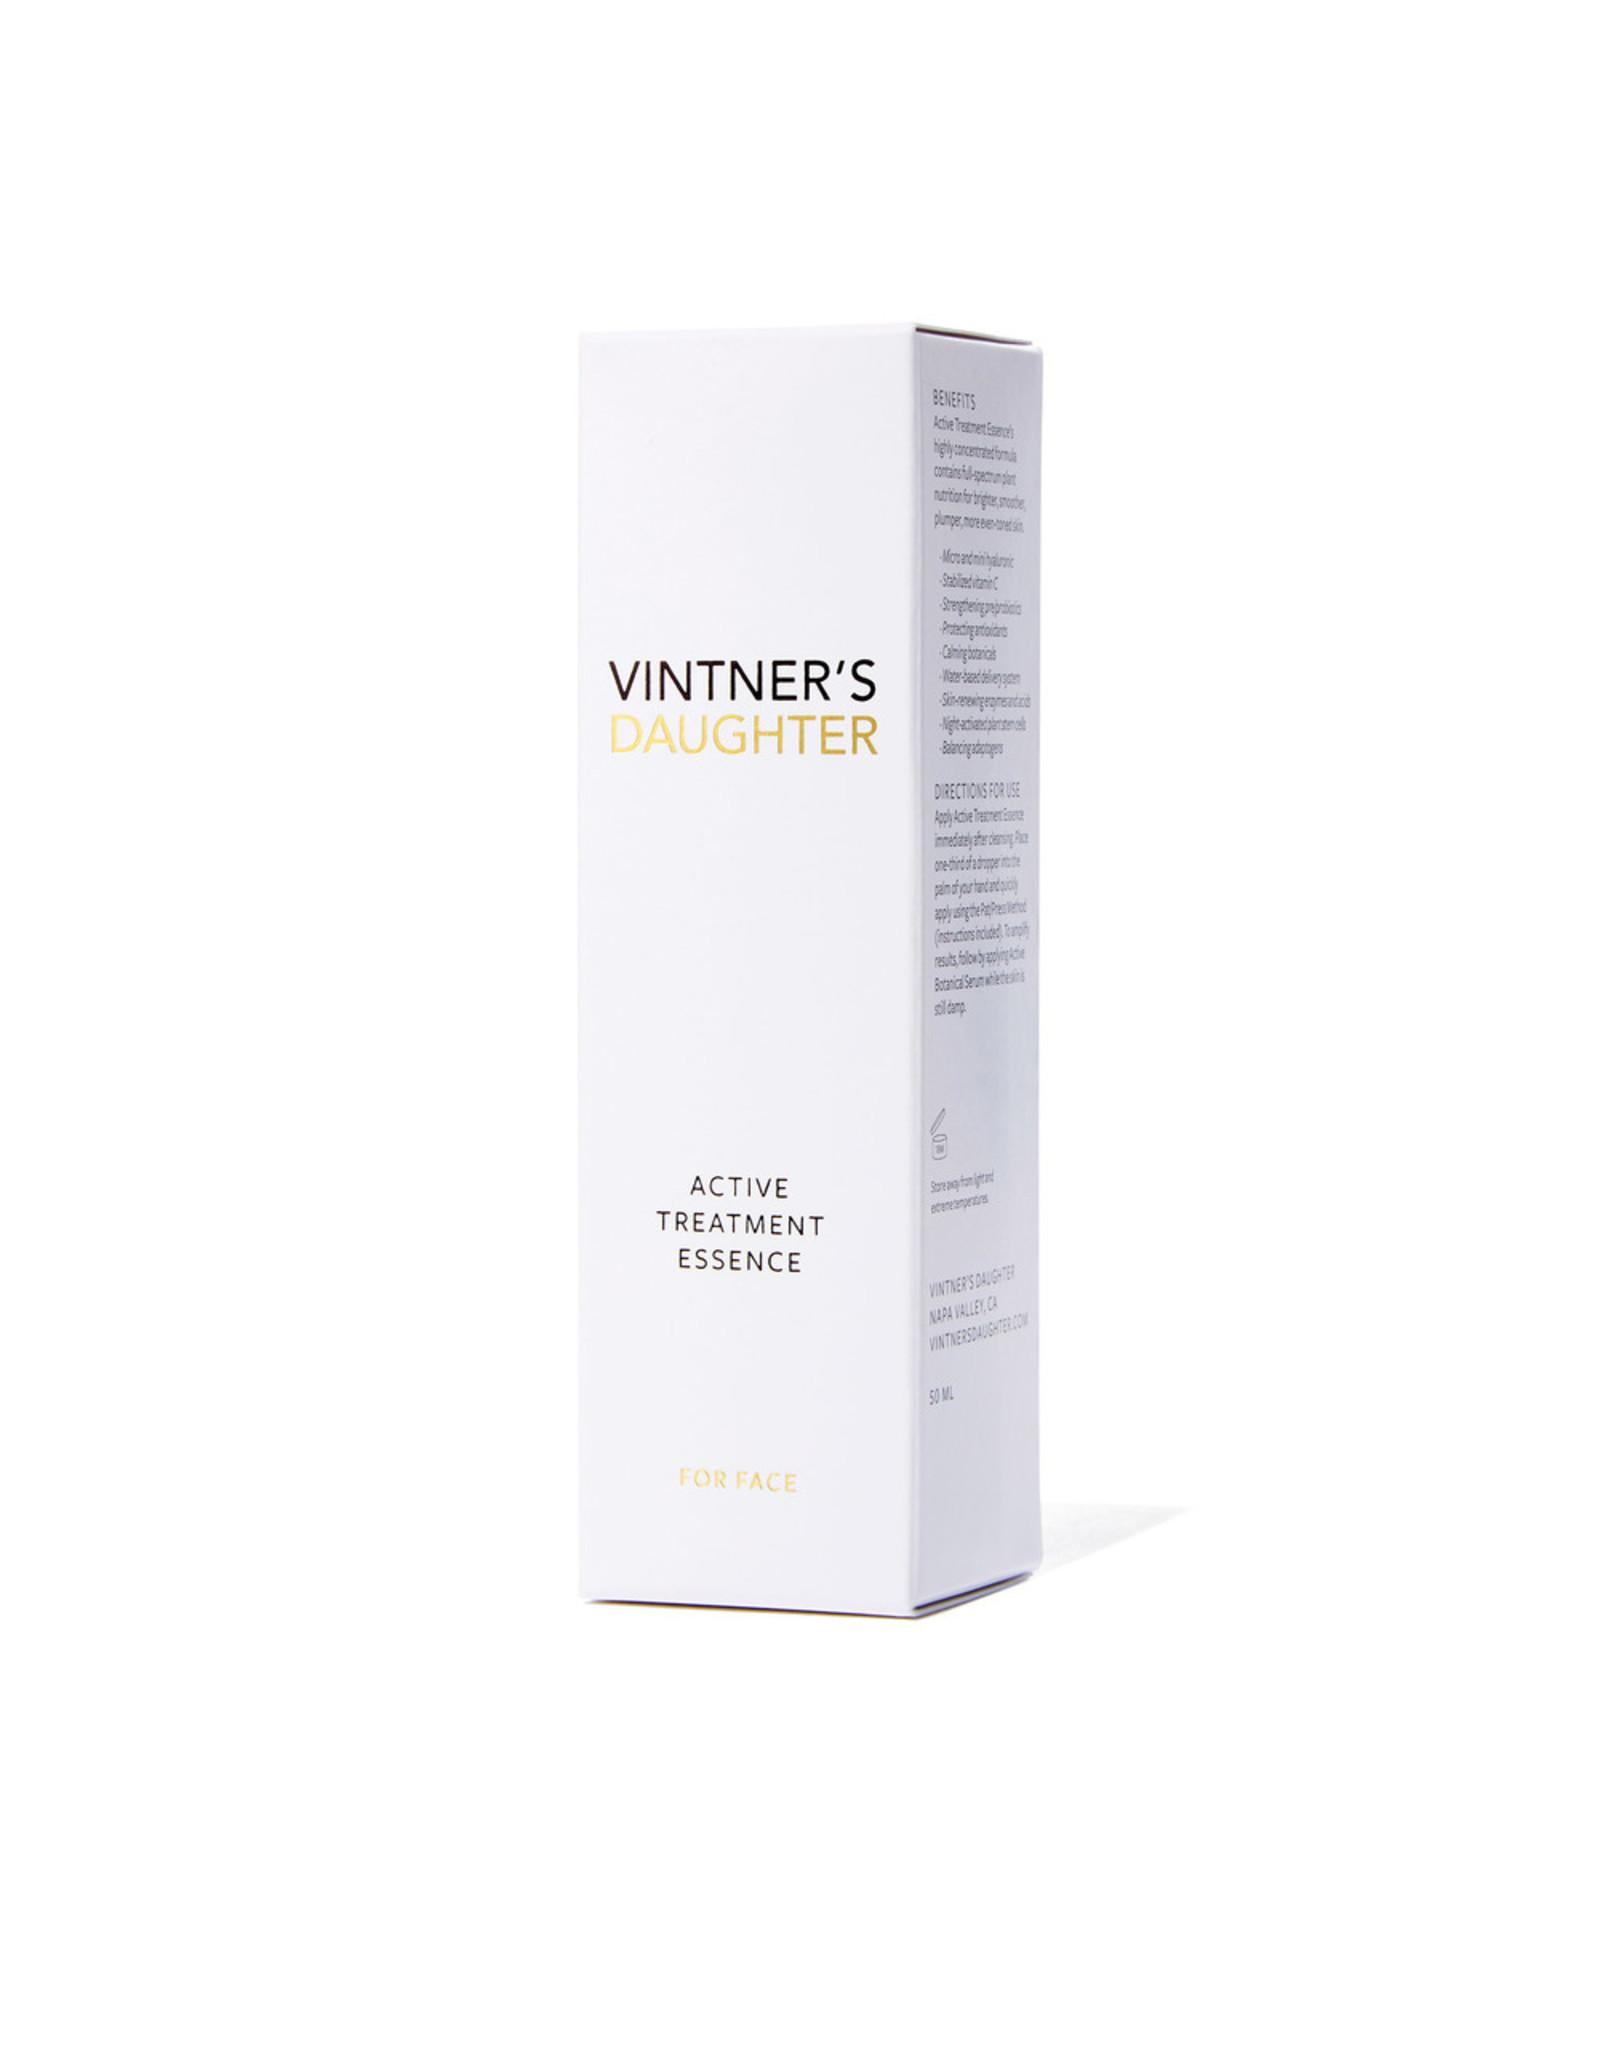 Vintner's Daughter Vintner's Daughter Active Treatment Essence